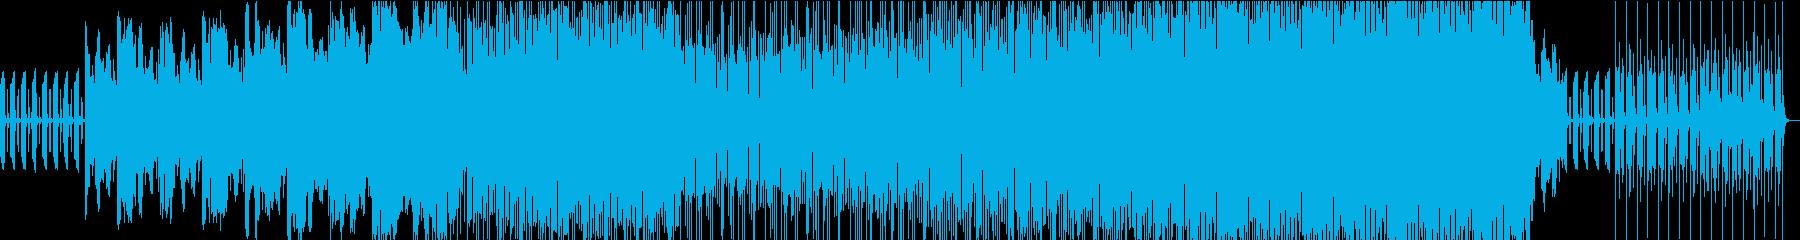 摩訶不思議なダークファンタジーっぽい曲の再生済みの波形